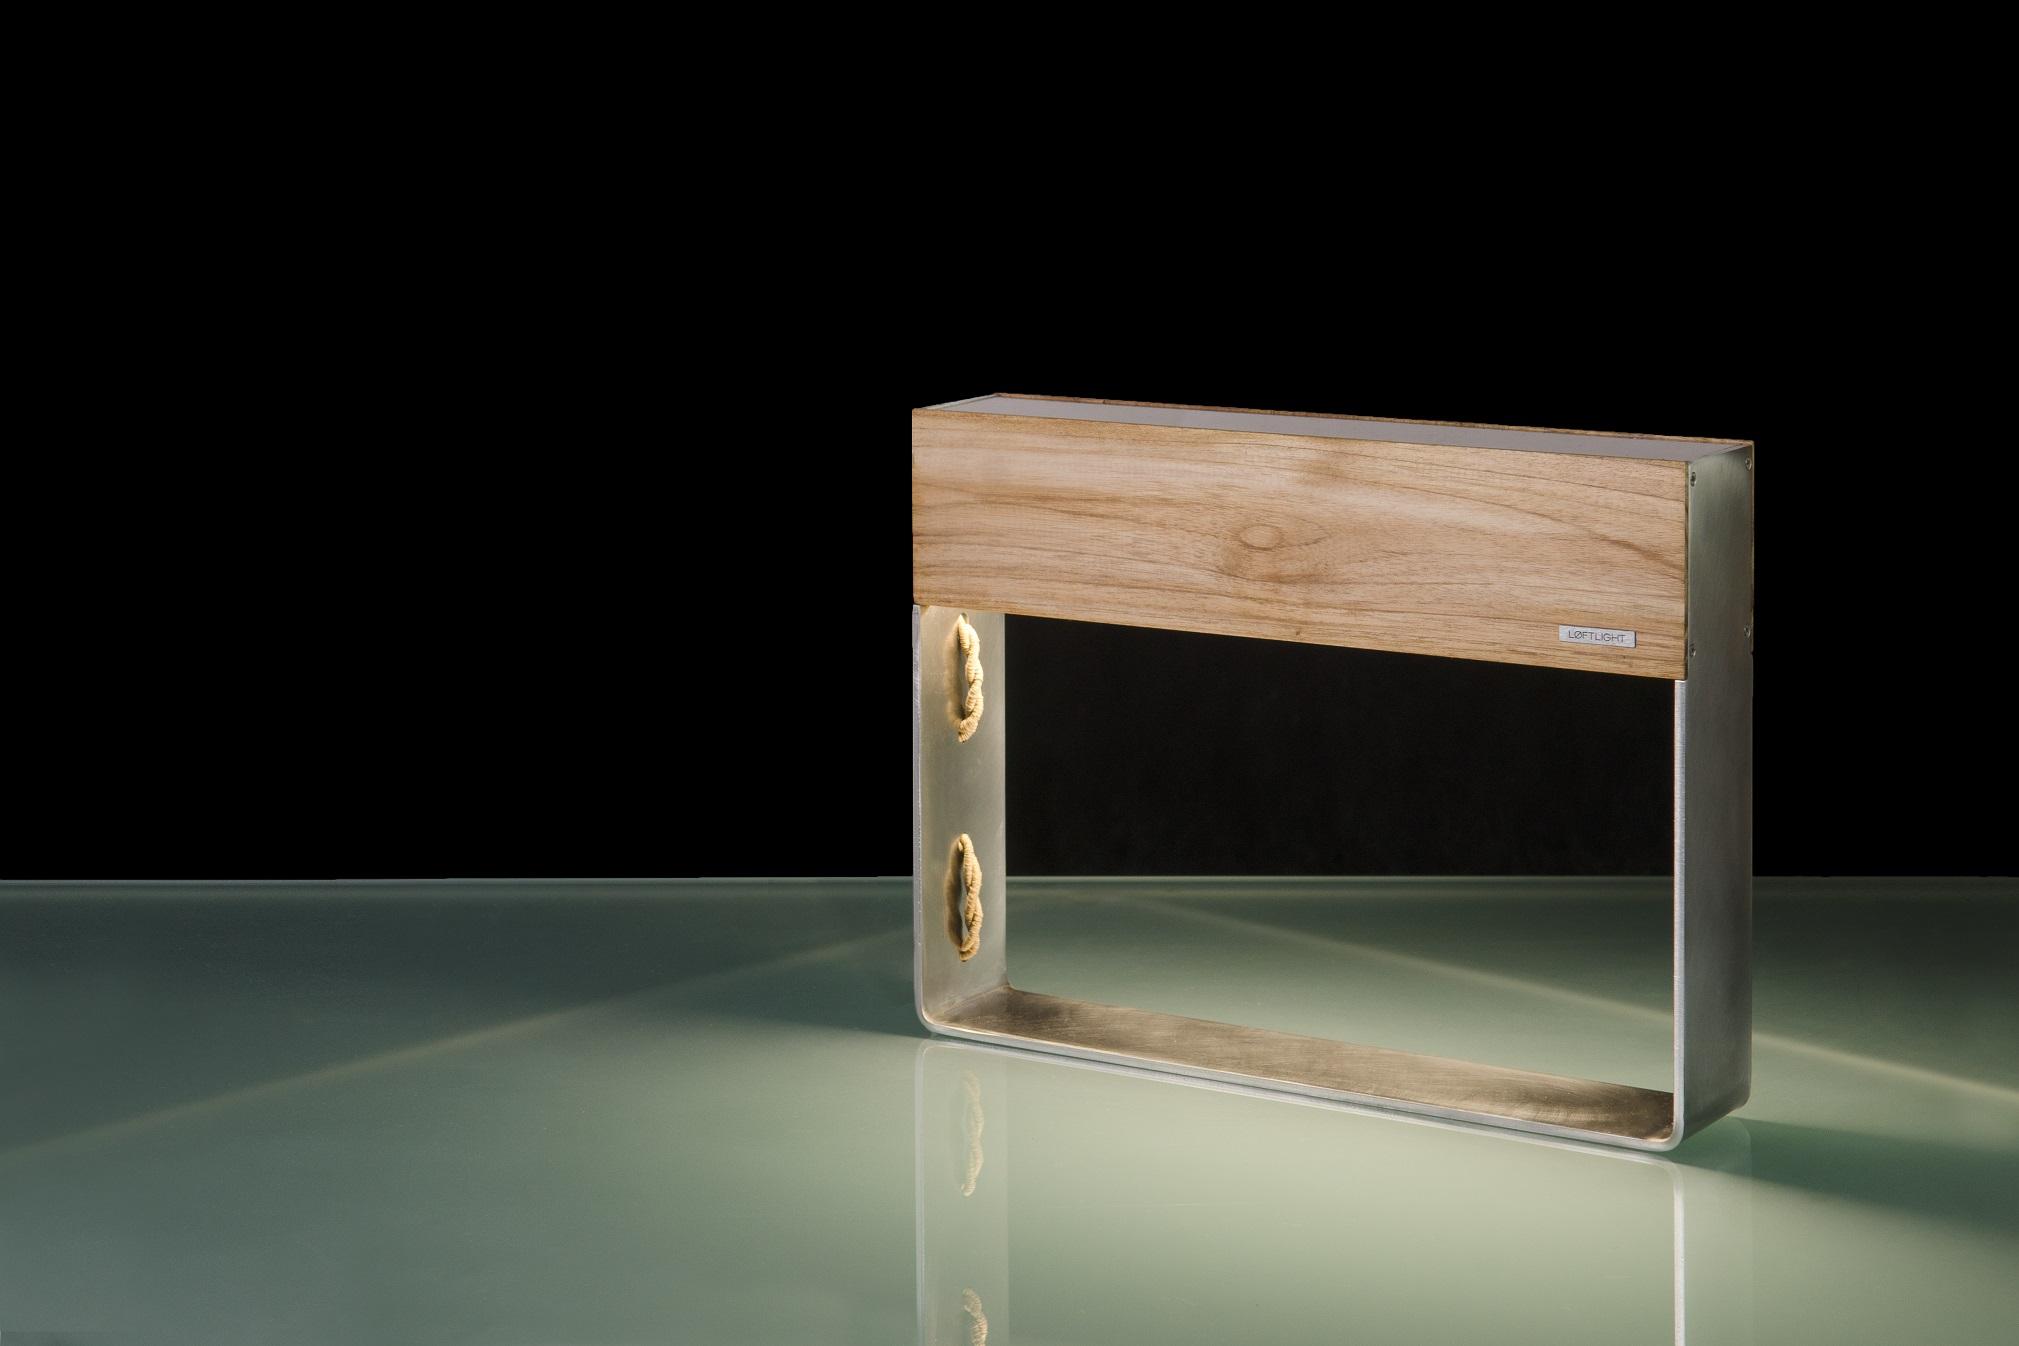 lampa stolowa loft light designerska loftowa industrialna w sklepie ideal design